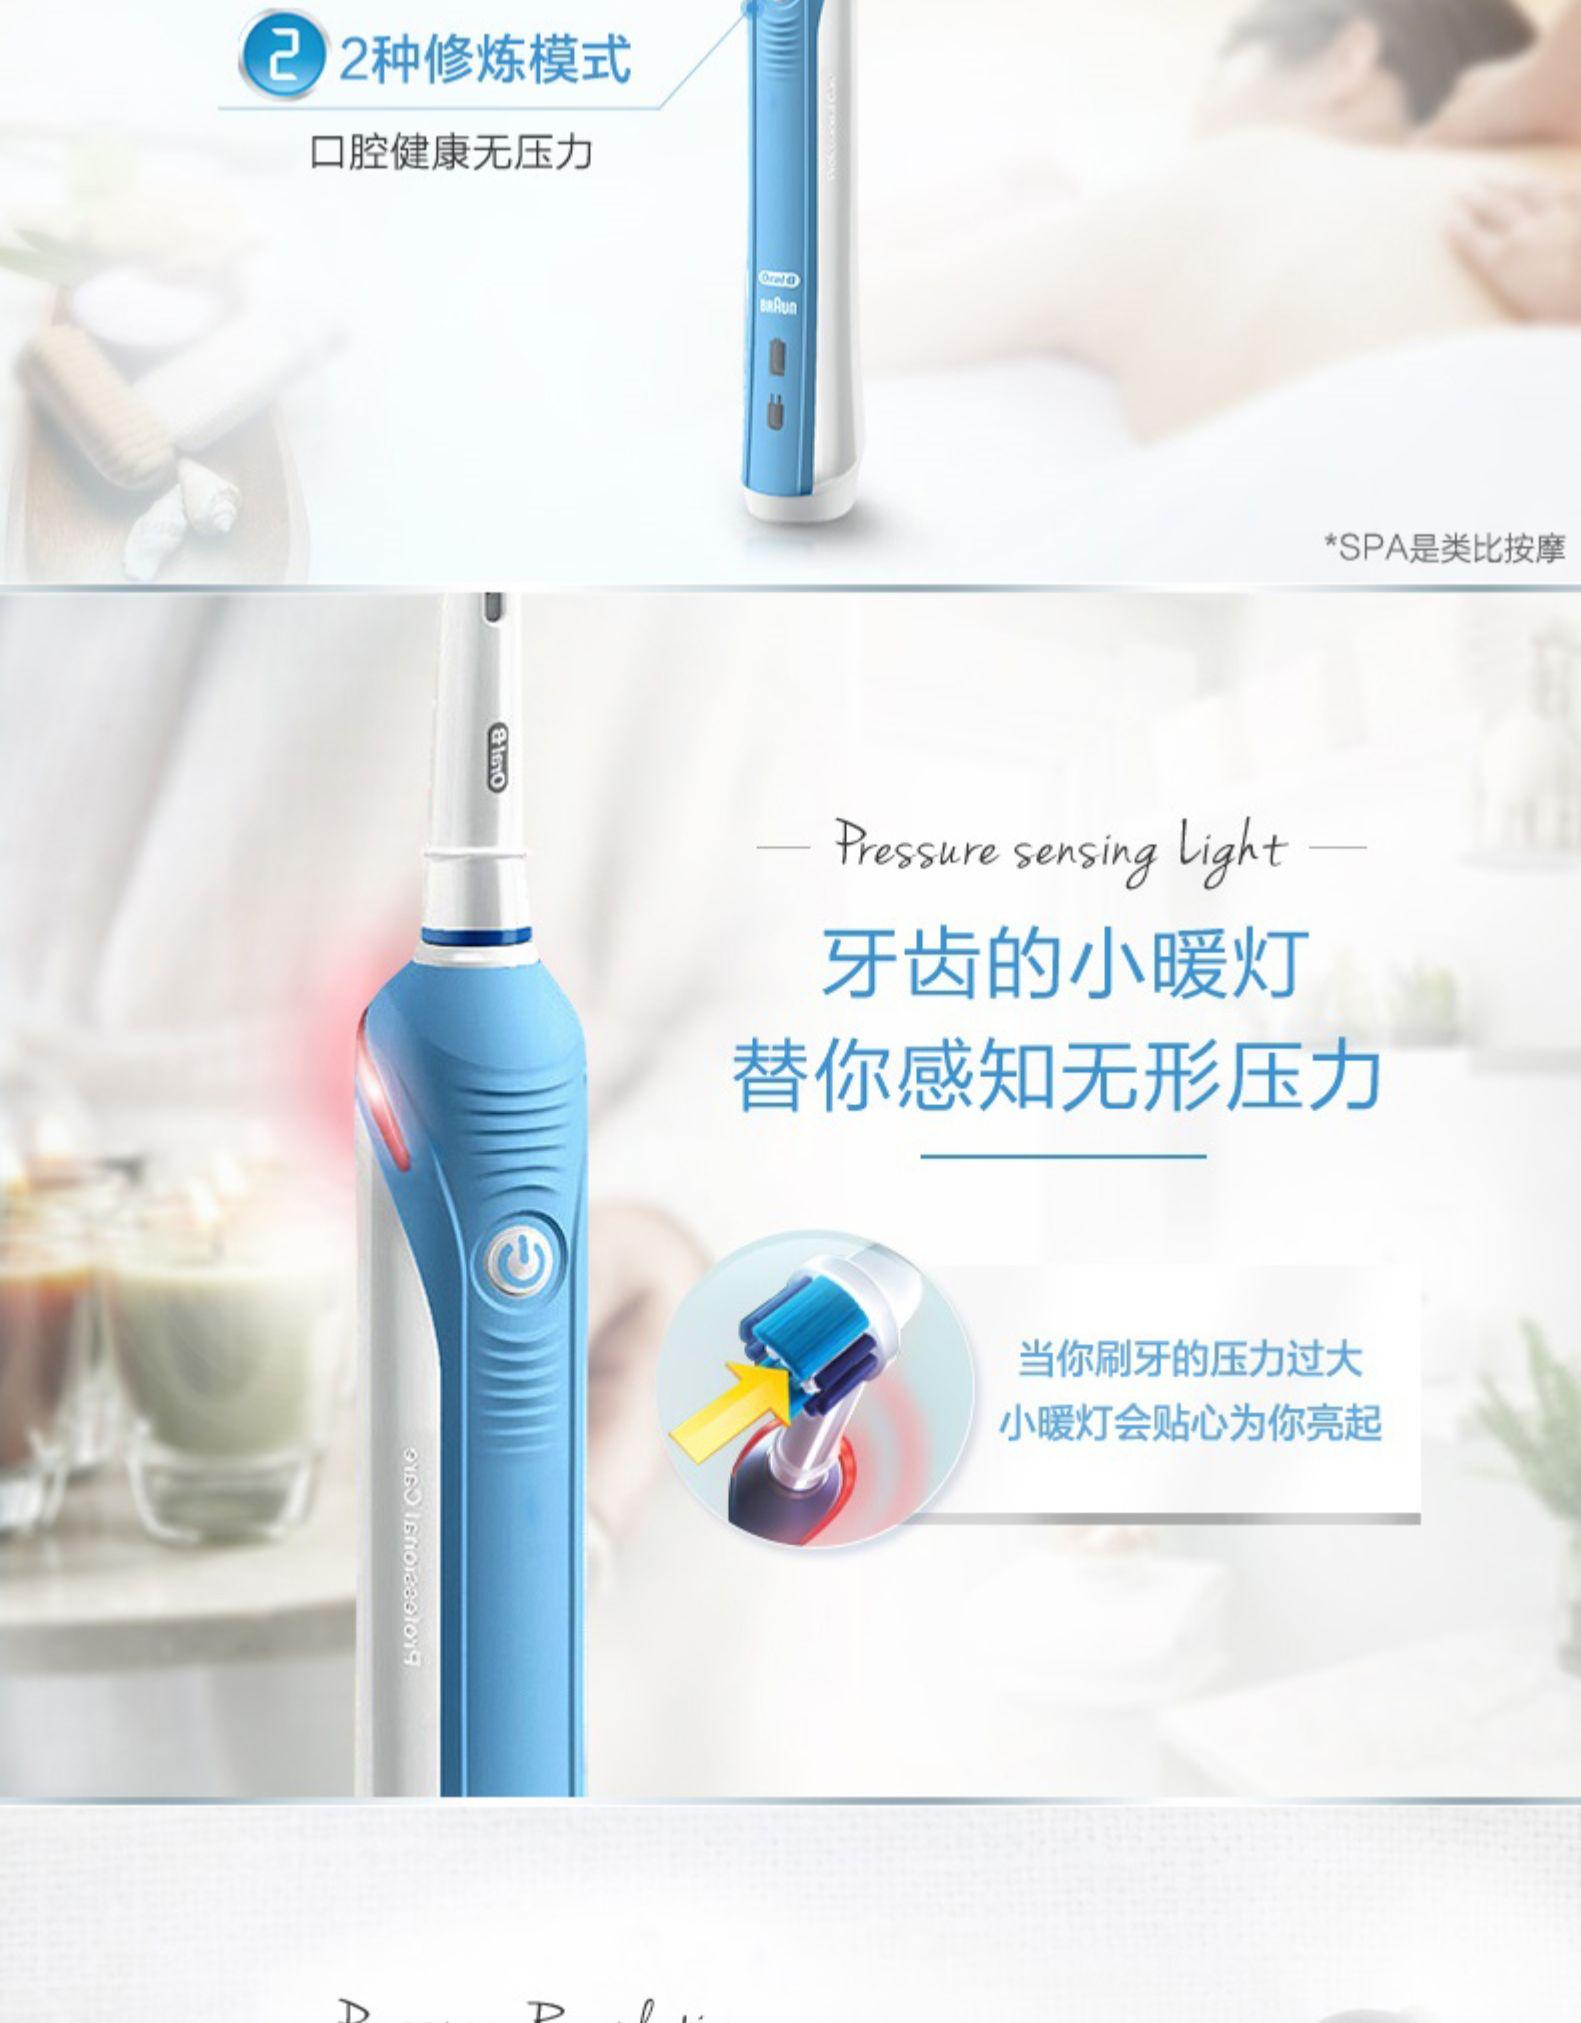 德国进口 欧乐-B P2000 3D声波电动牙刷 智能压力感应 图7